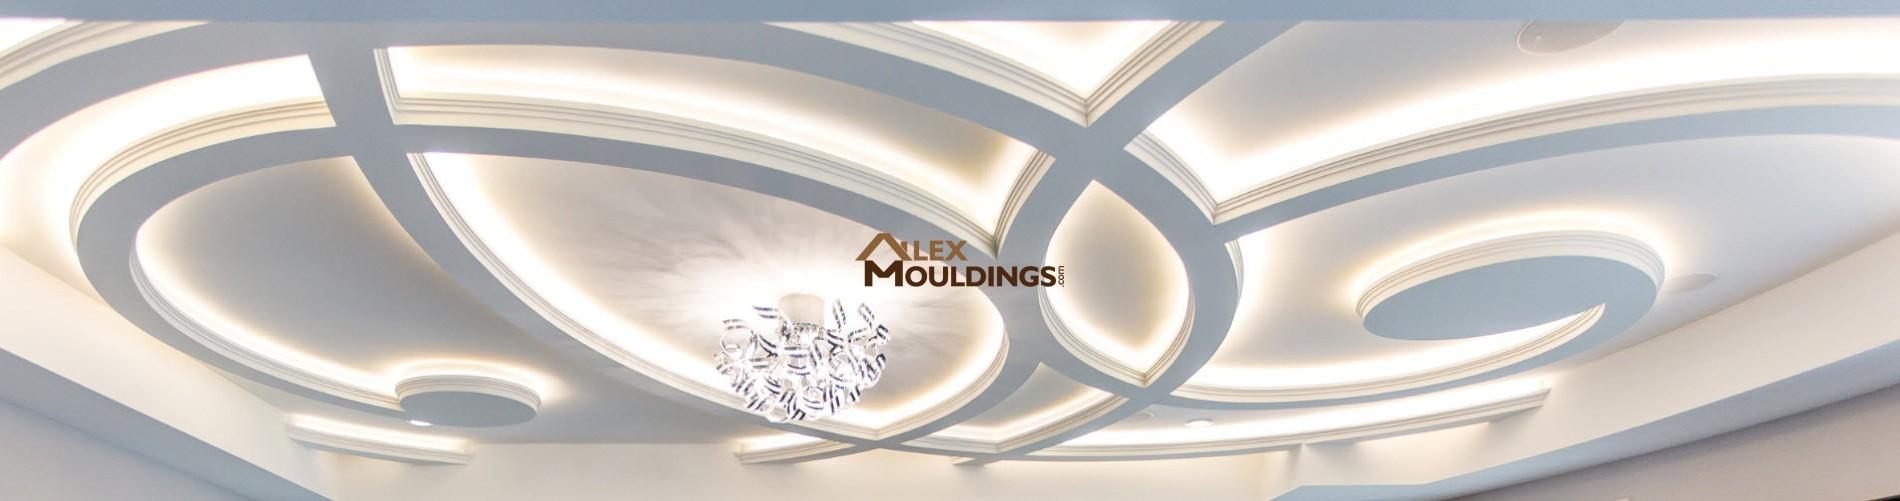 wavy coffer ceiling